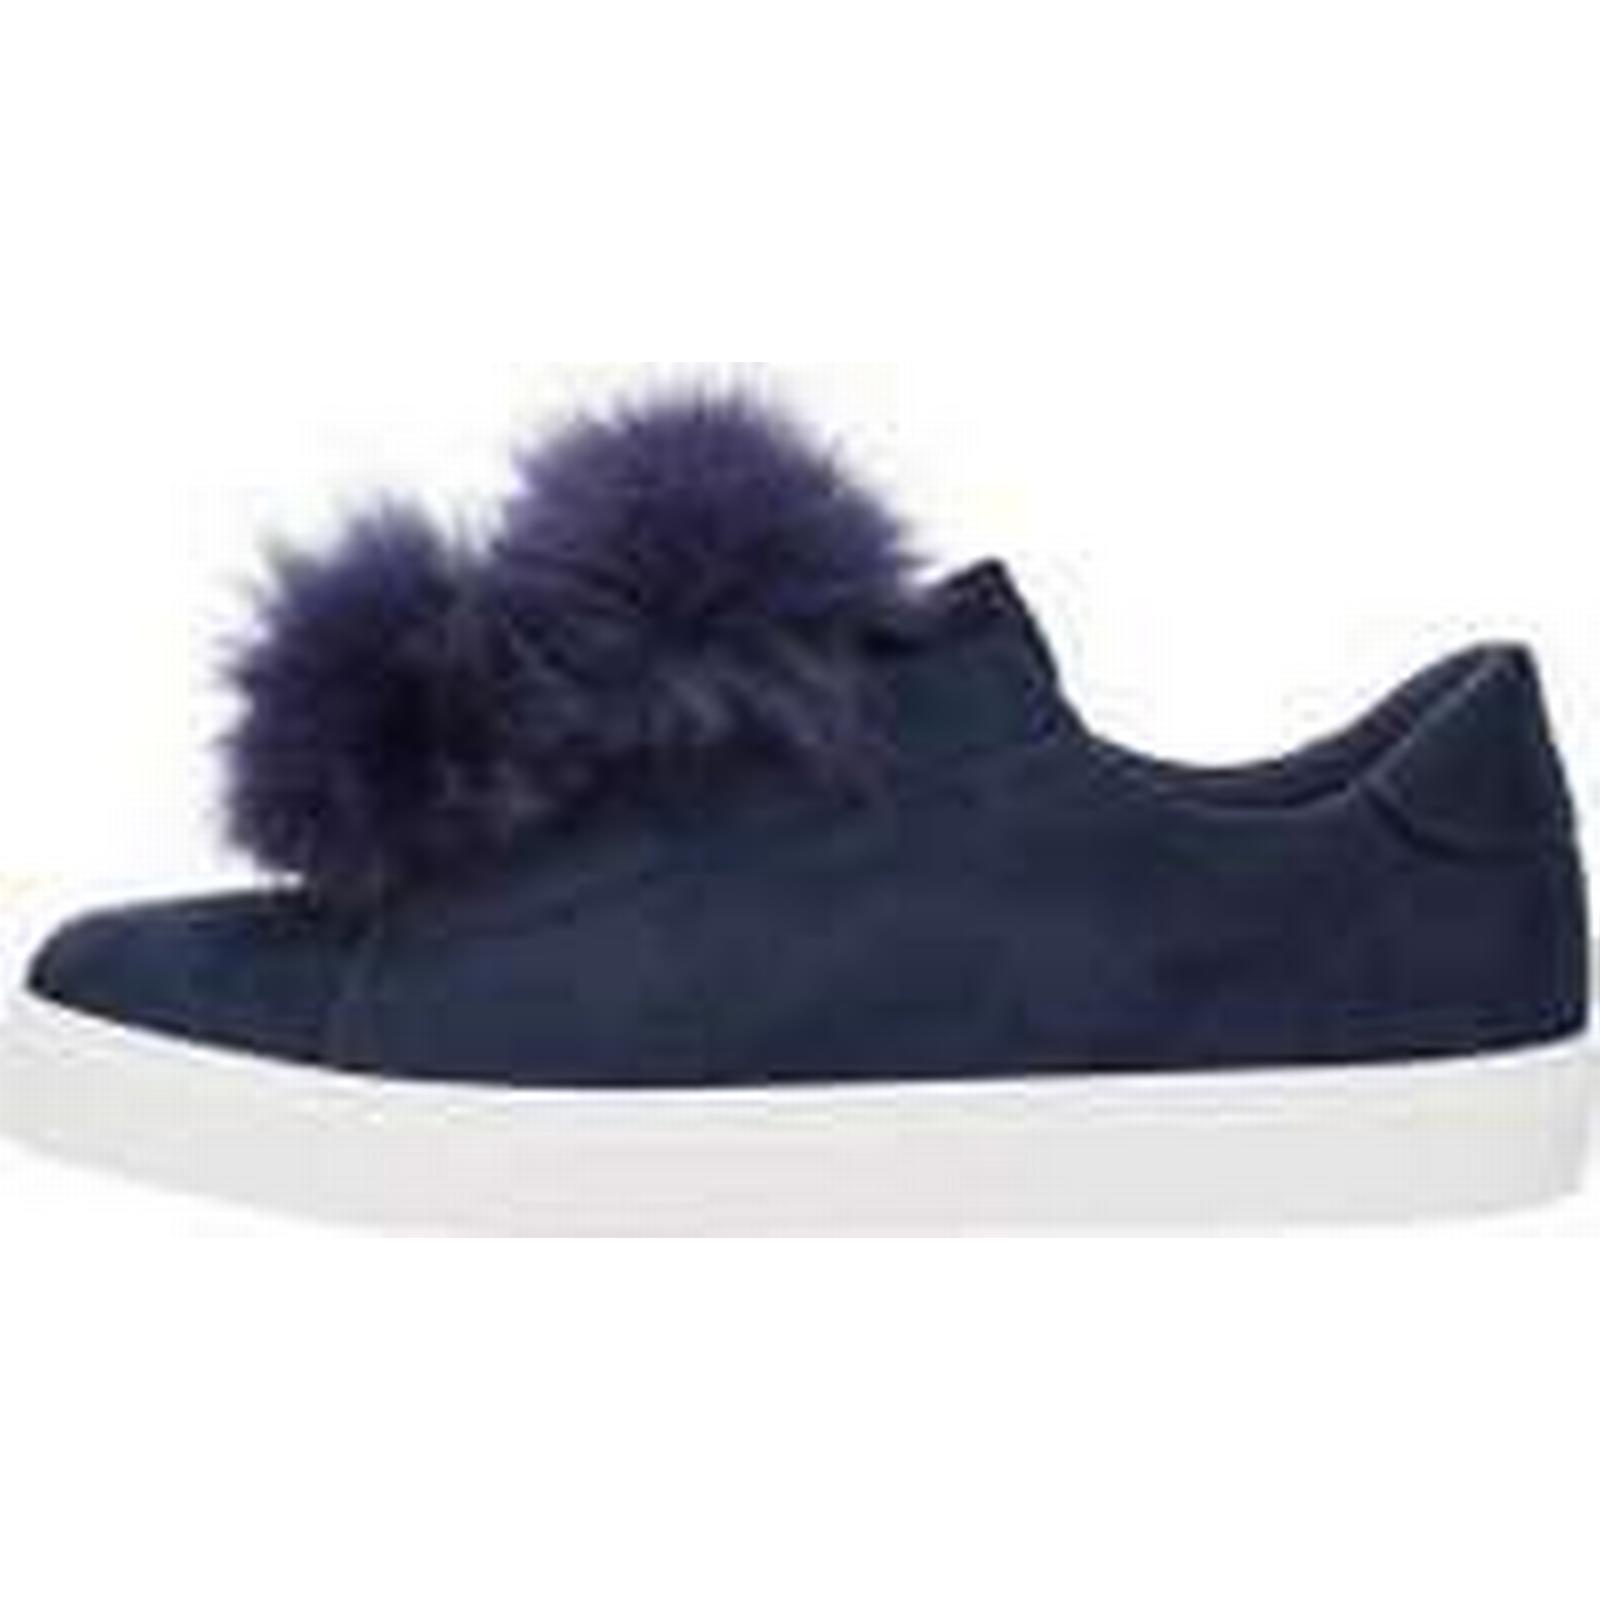 BIANCO Pom Pom Pom BIANCO Sneakers Women Blue (38) 8a2640